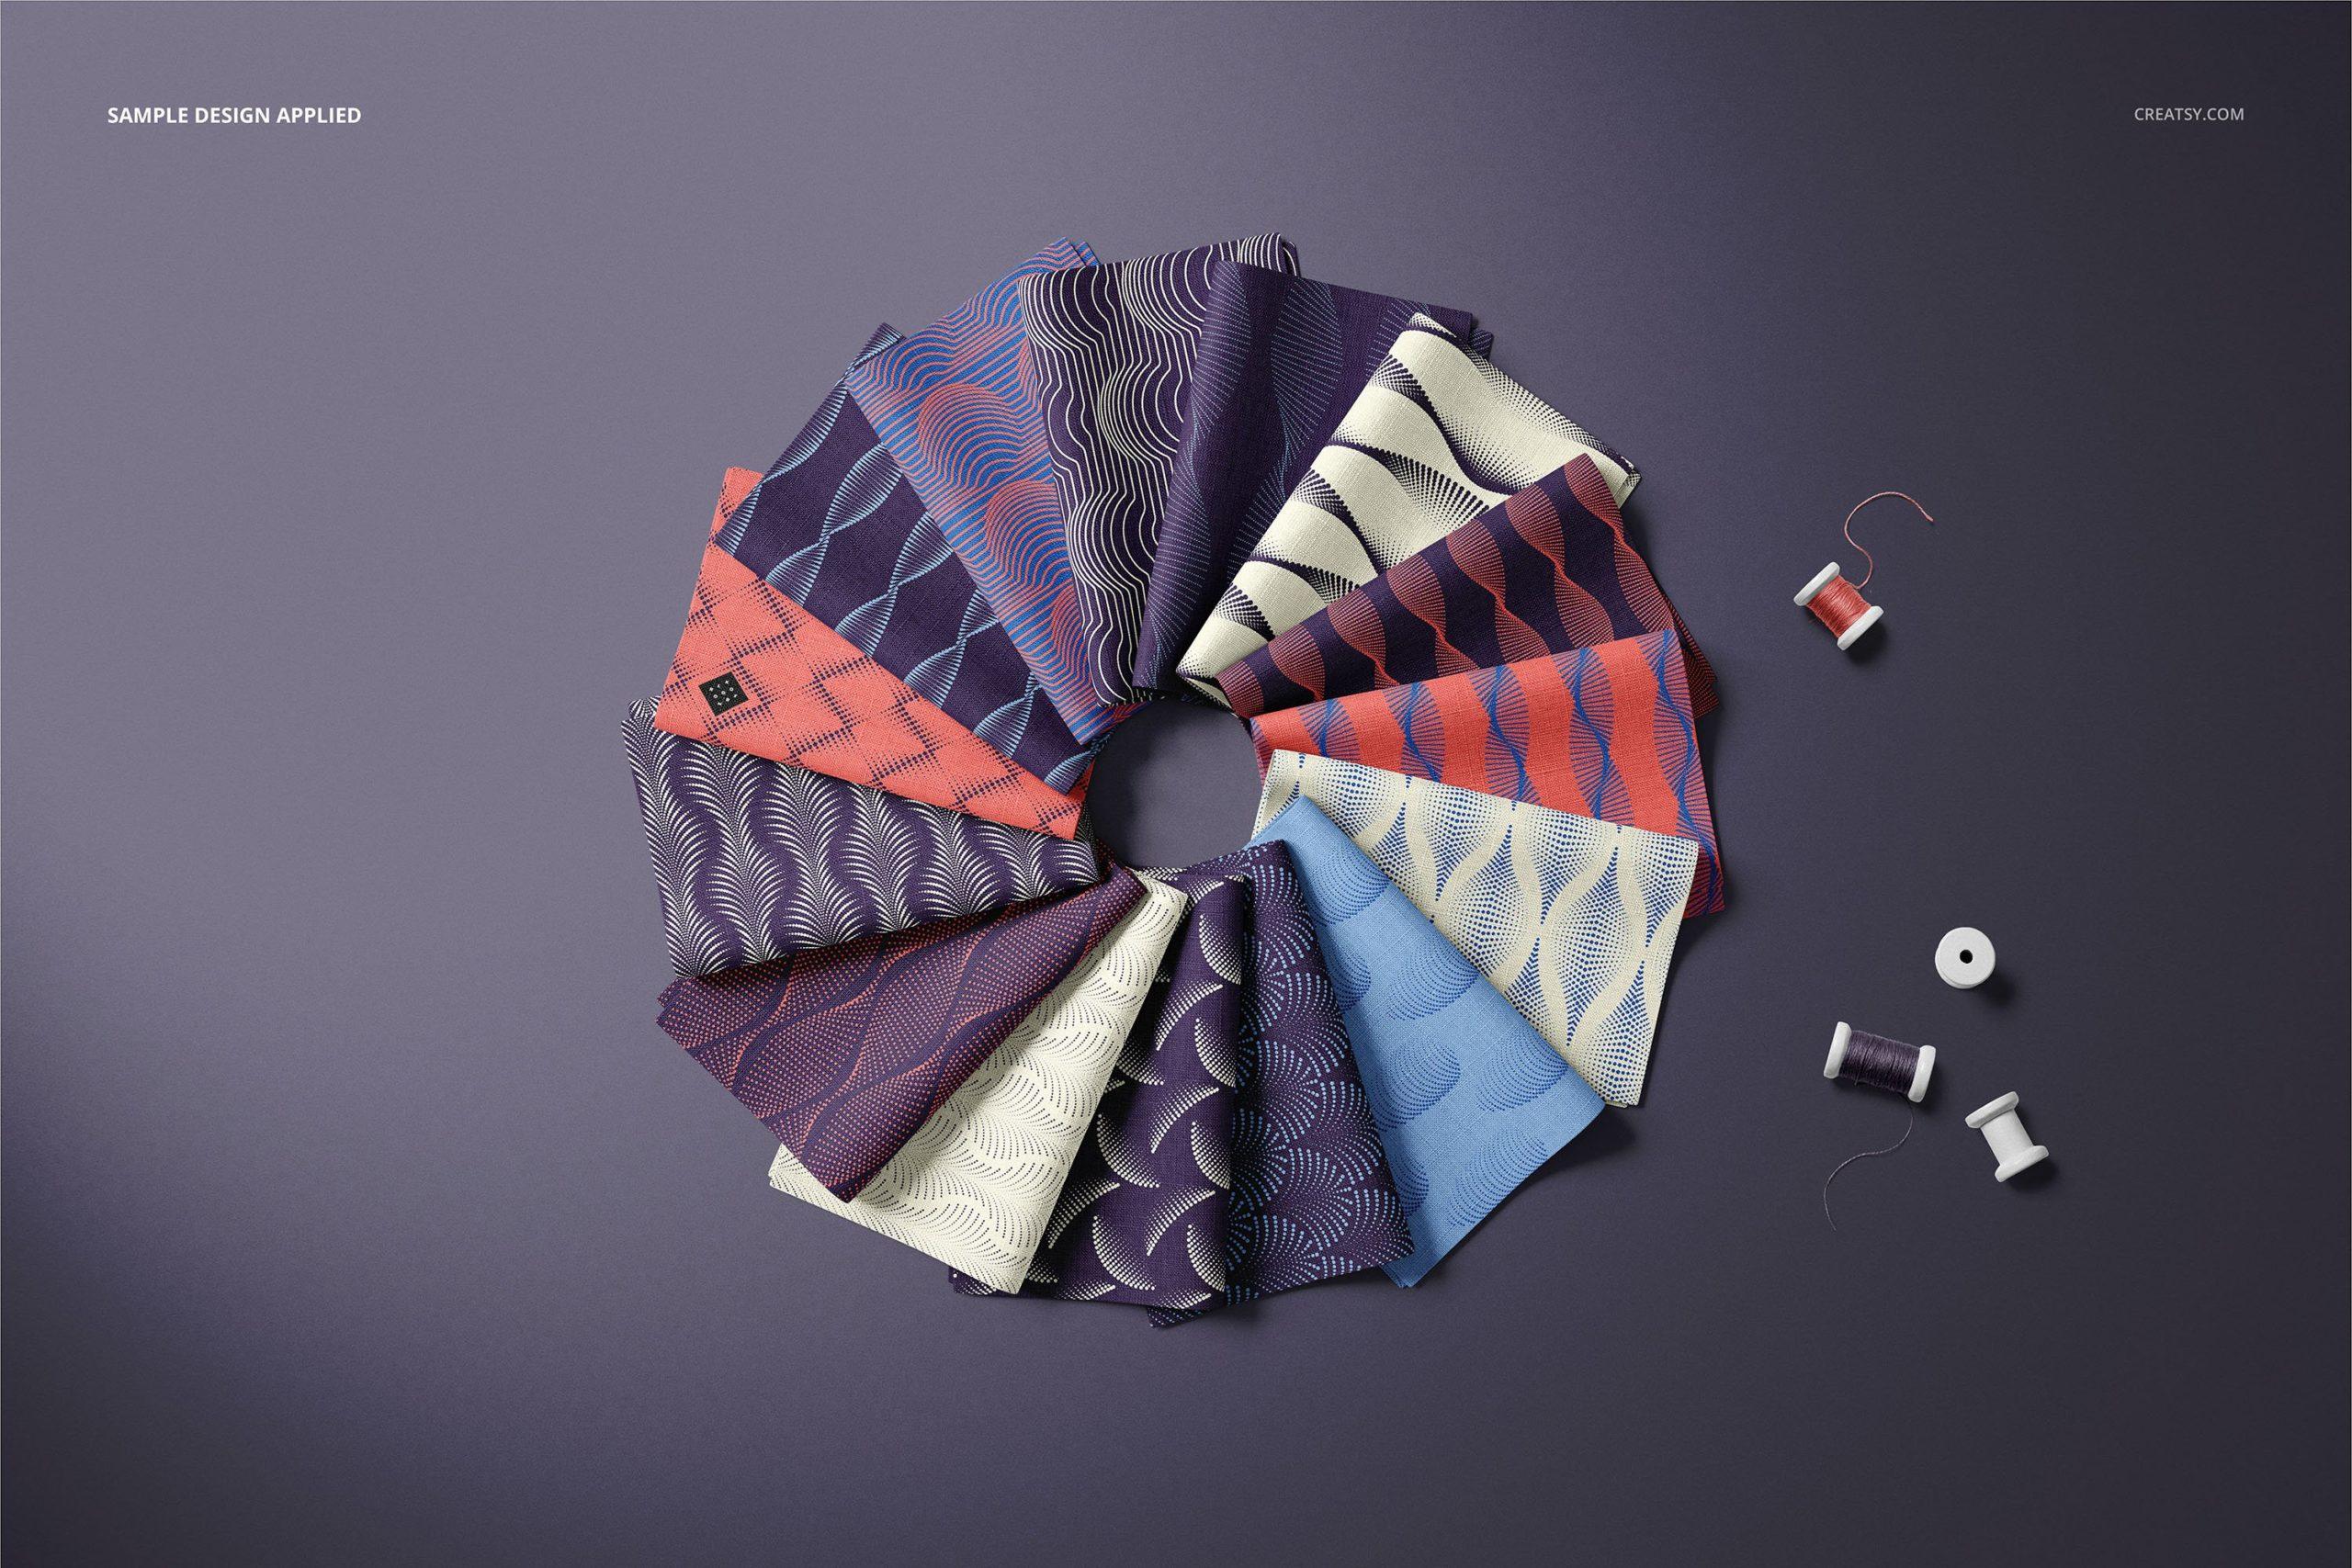 时尚折叠式绸缎面料印花图案设计贴图样机合集 Folded Fabric Swatches Mockup Set插图5